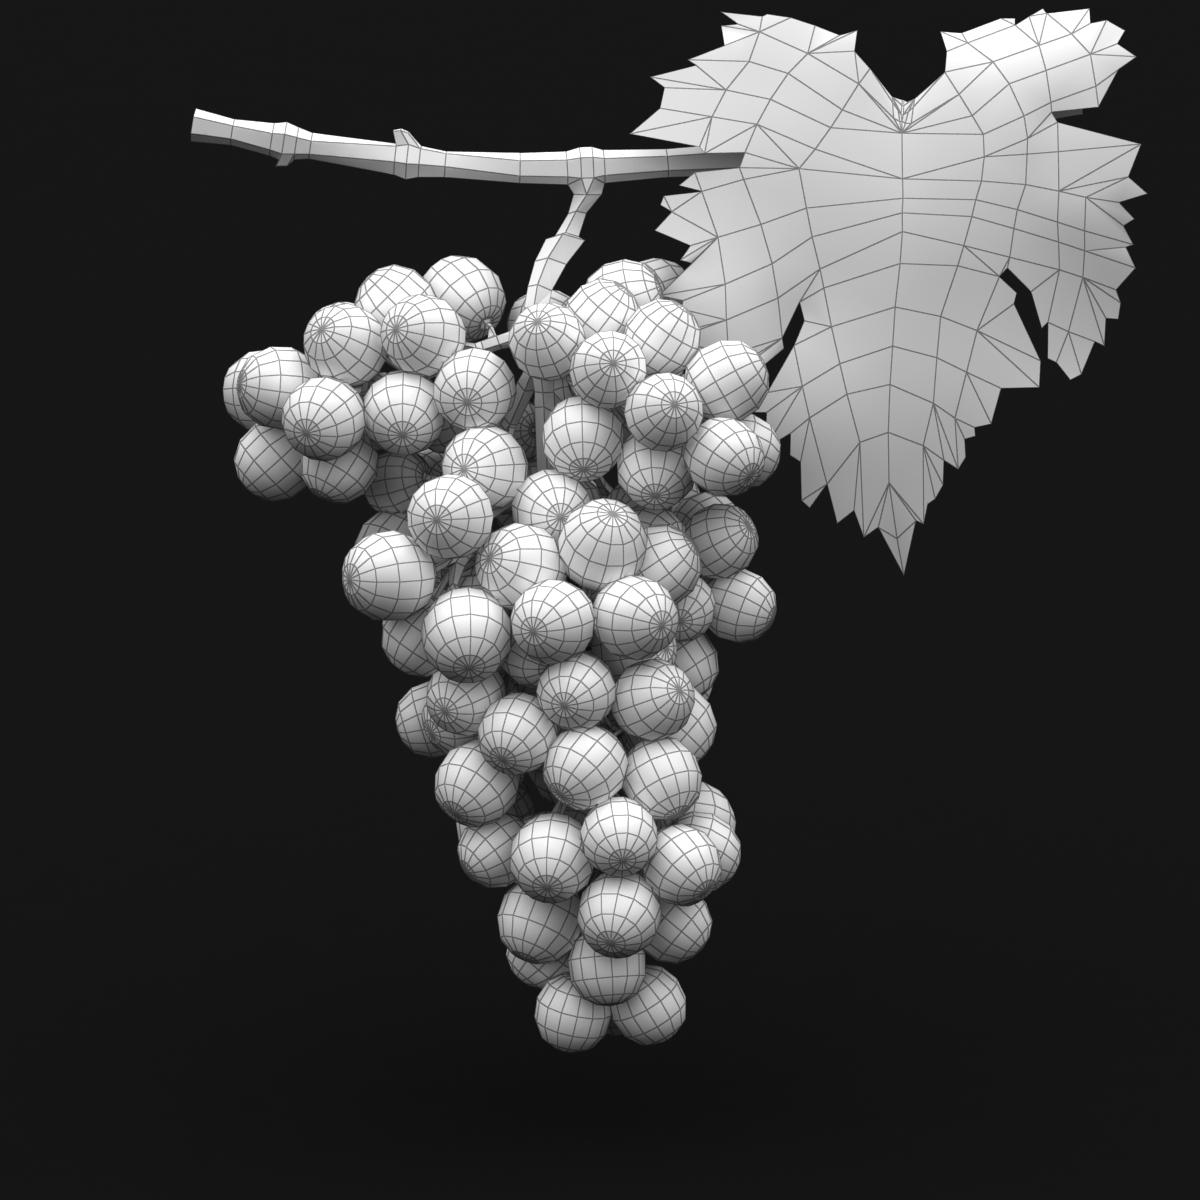 grapes red 3d model 3ds max fbx c4d lwo obj 204264